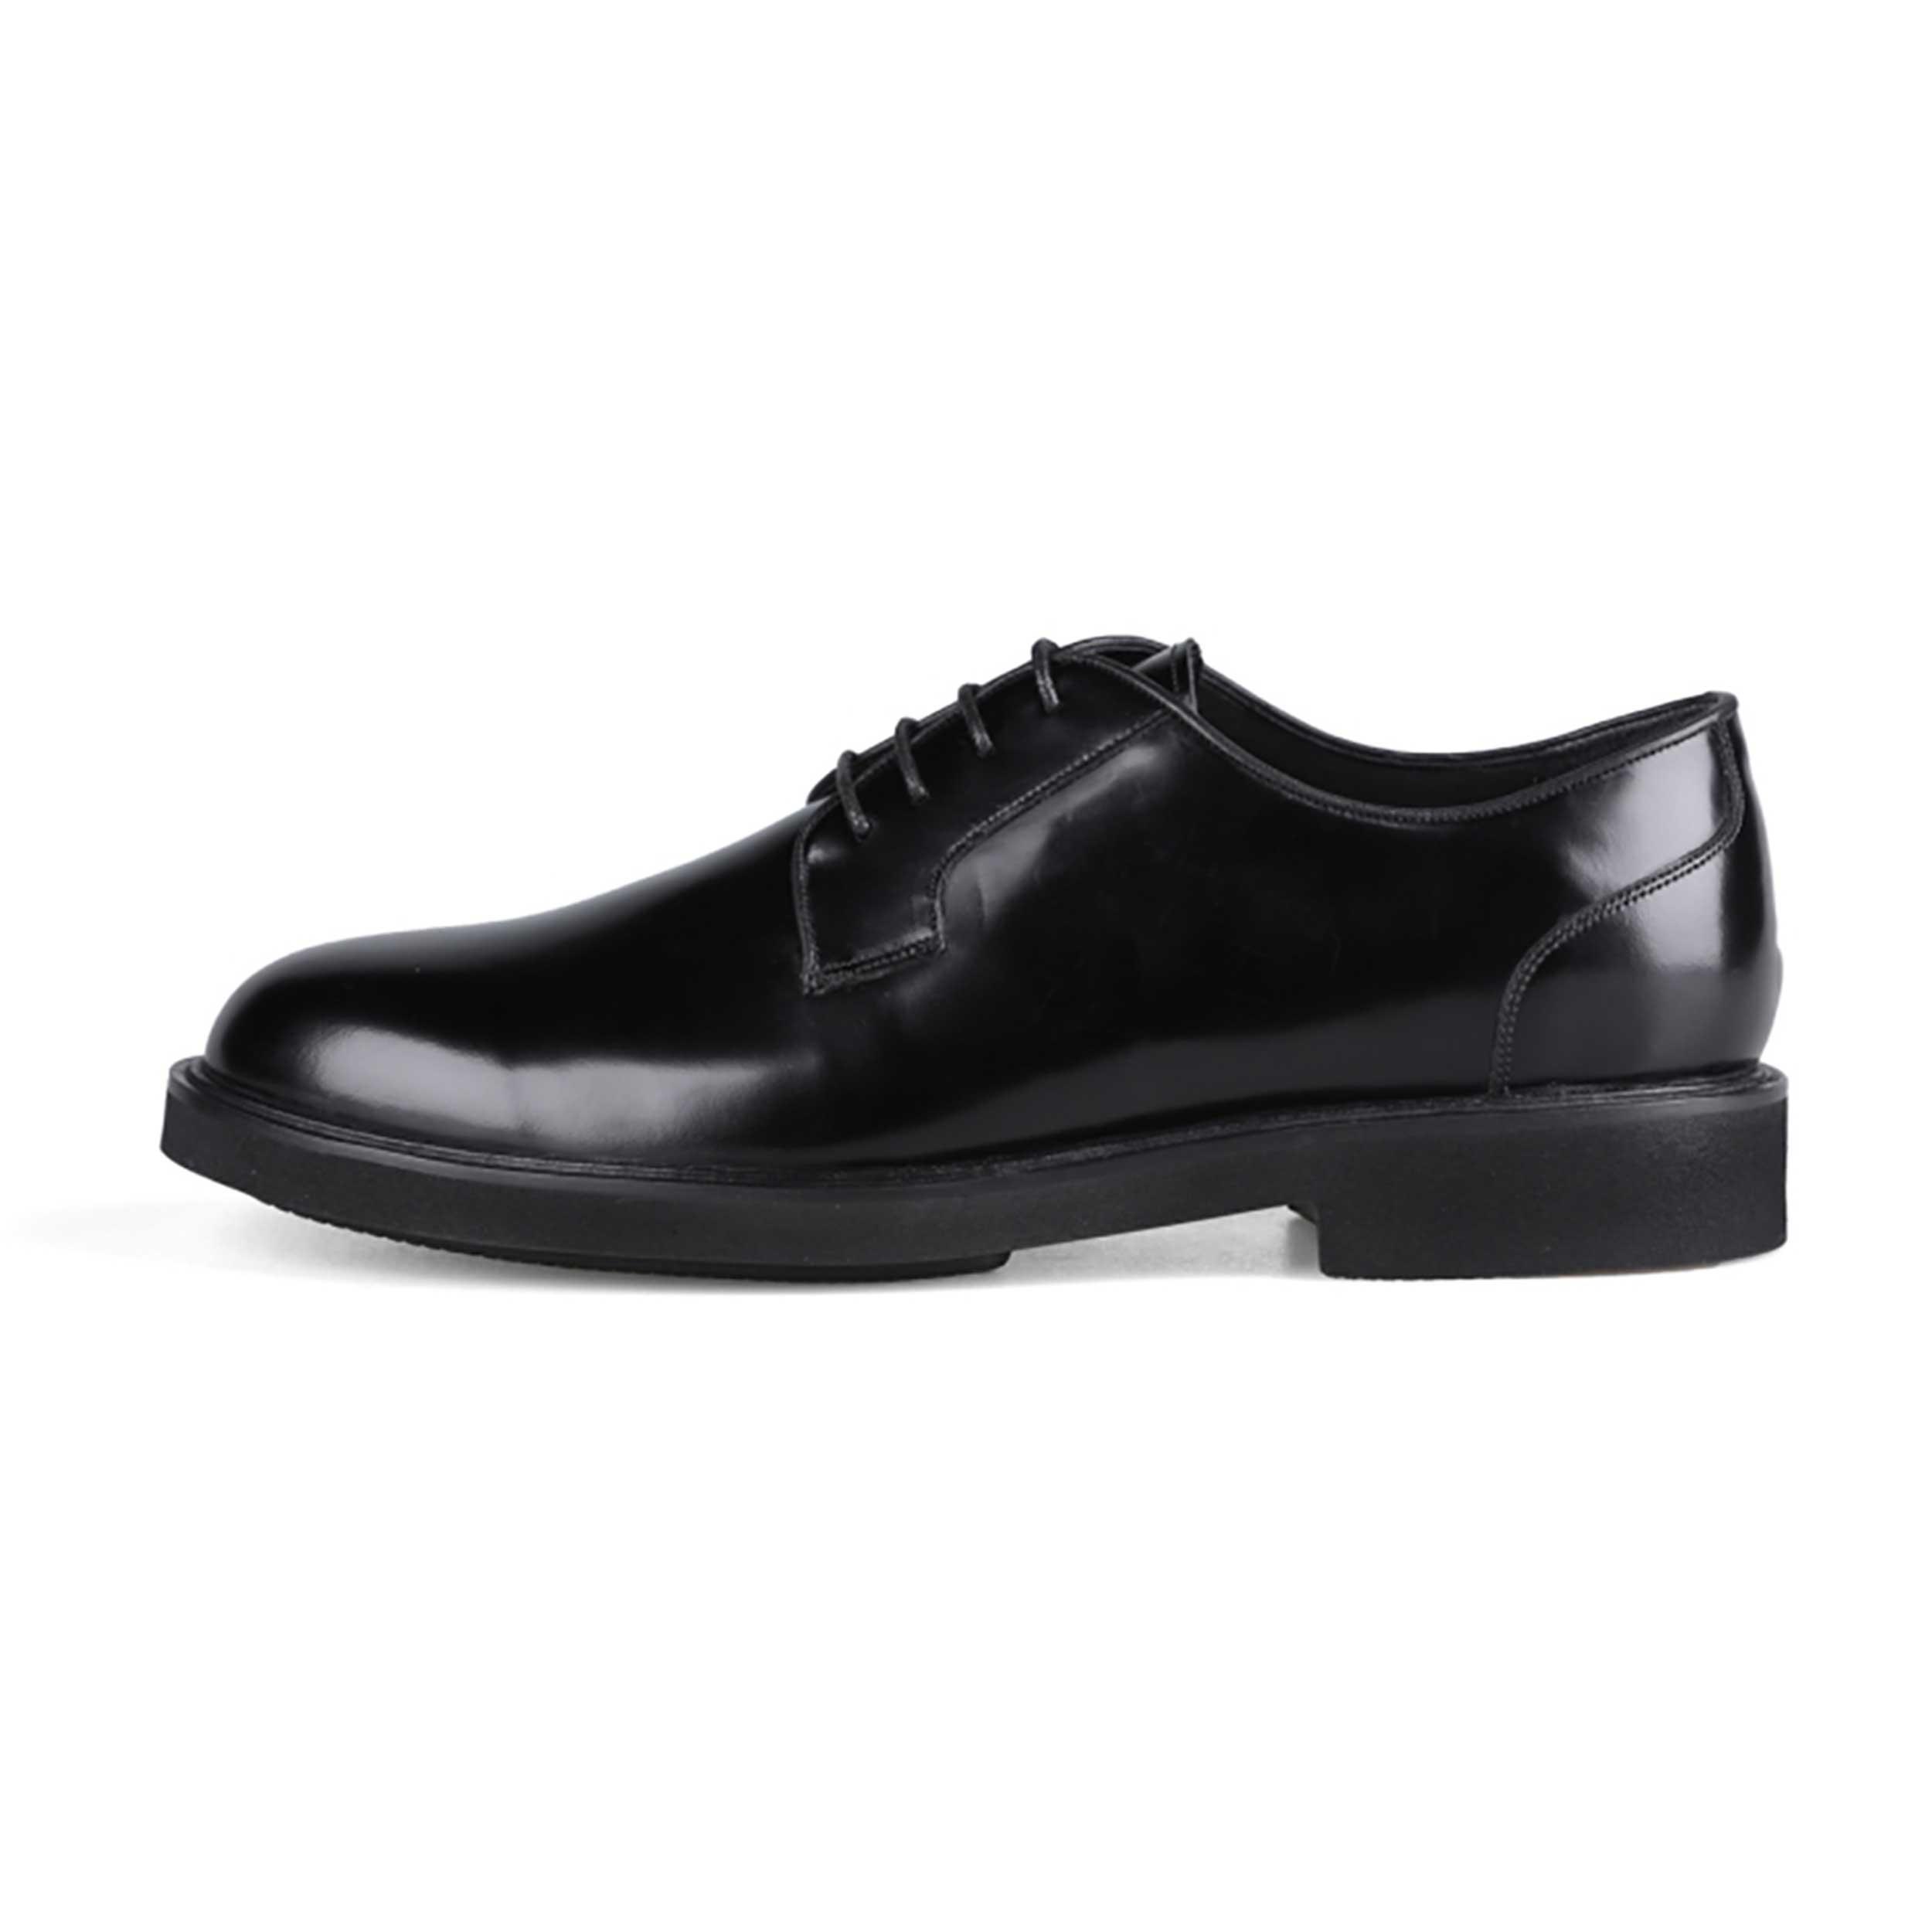 کفش مردانه درسا مدل 2673-30406